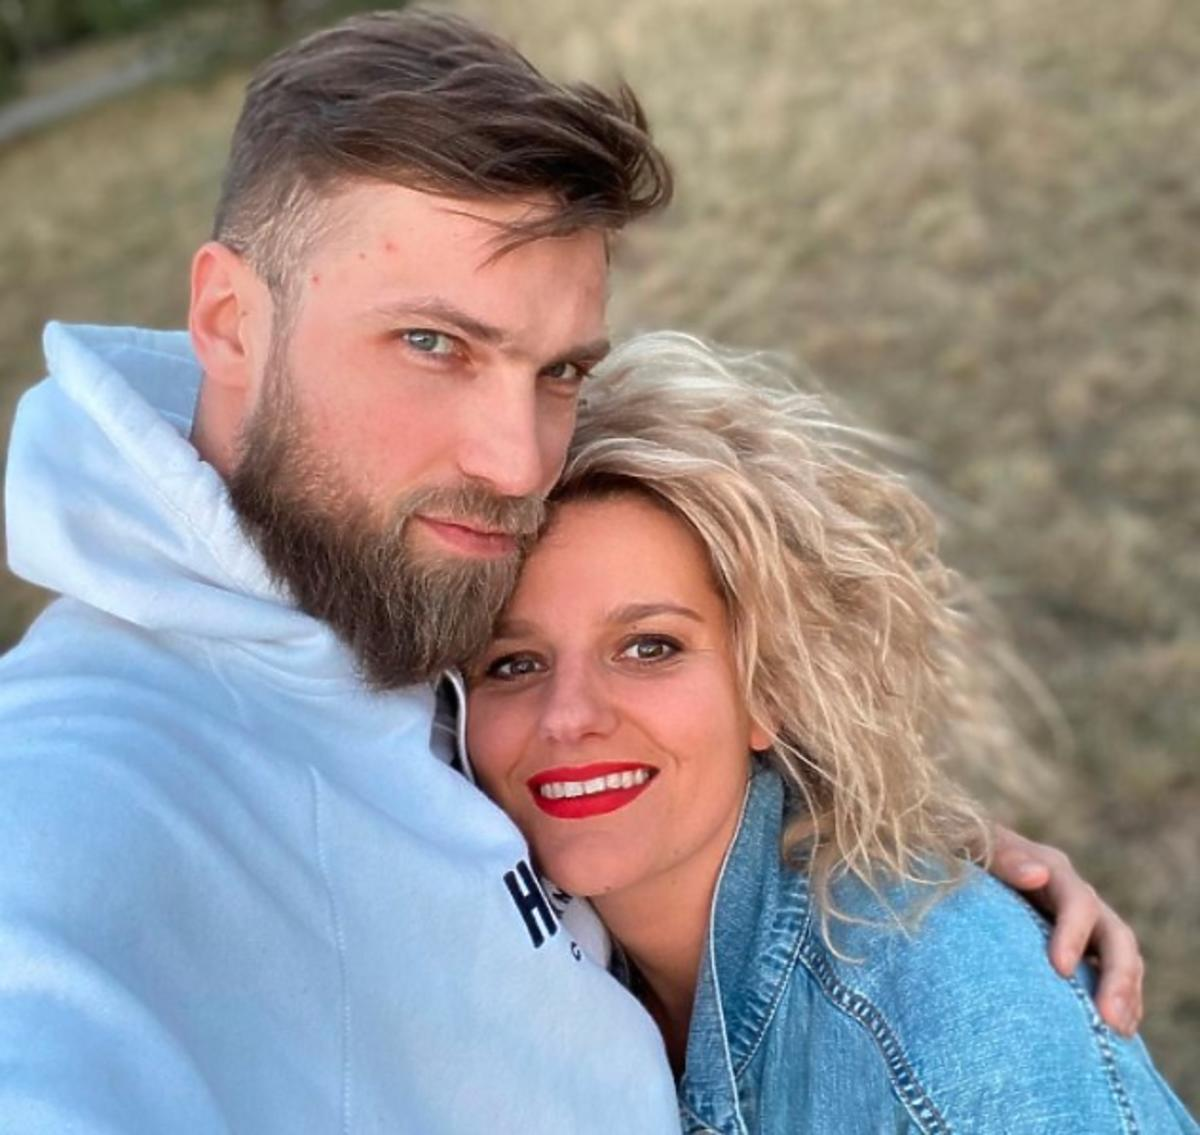 """Zofia Zborowska czekała aż rok, żeby pokazać kontrowersyjne zdjęcie z mężem: """"musiałam mieć pewność, że się ze mną nie rozwiedzie"""